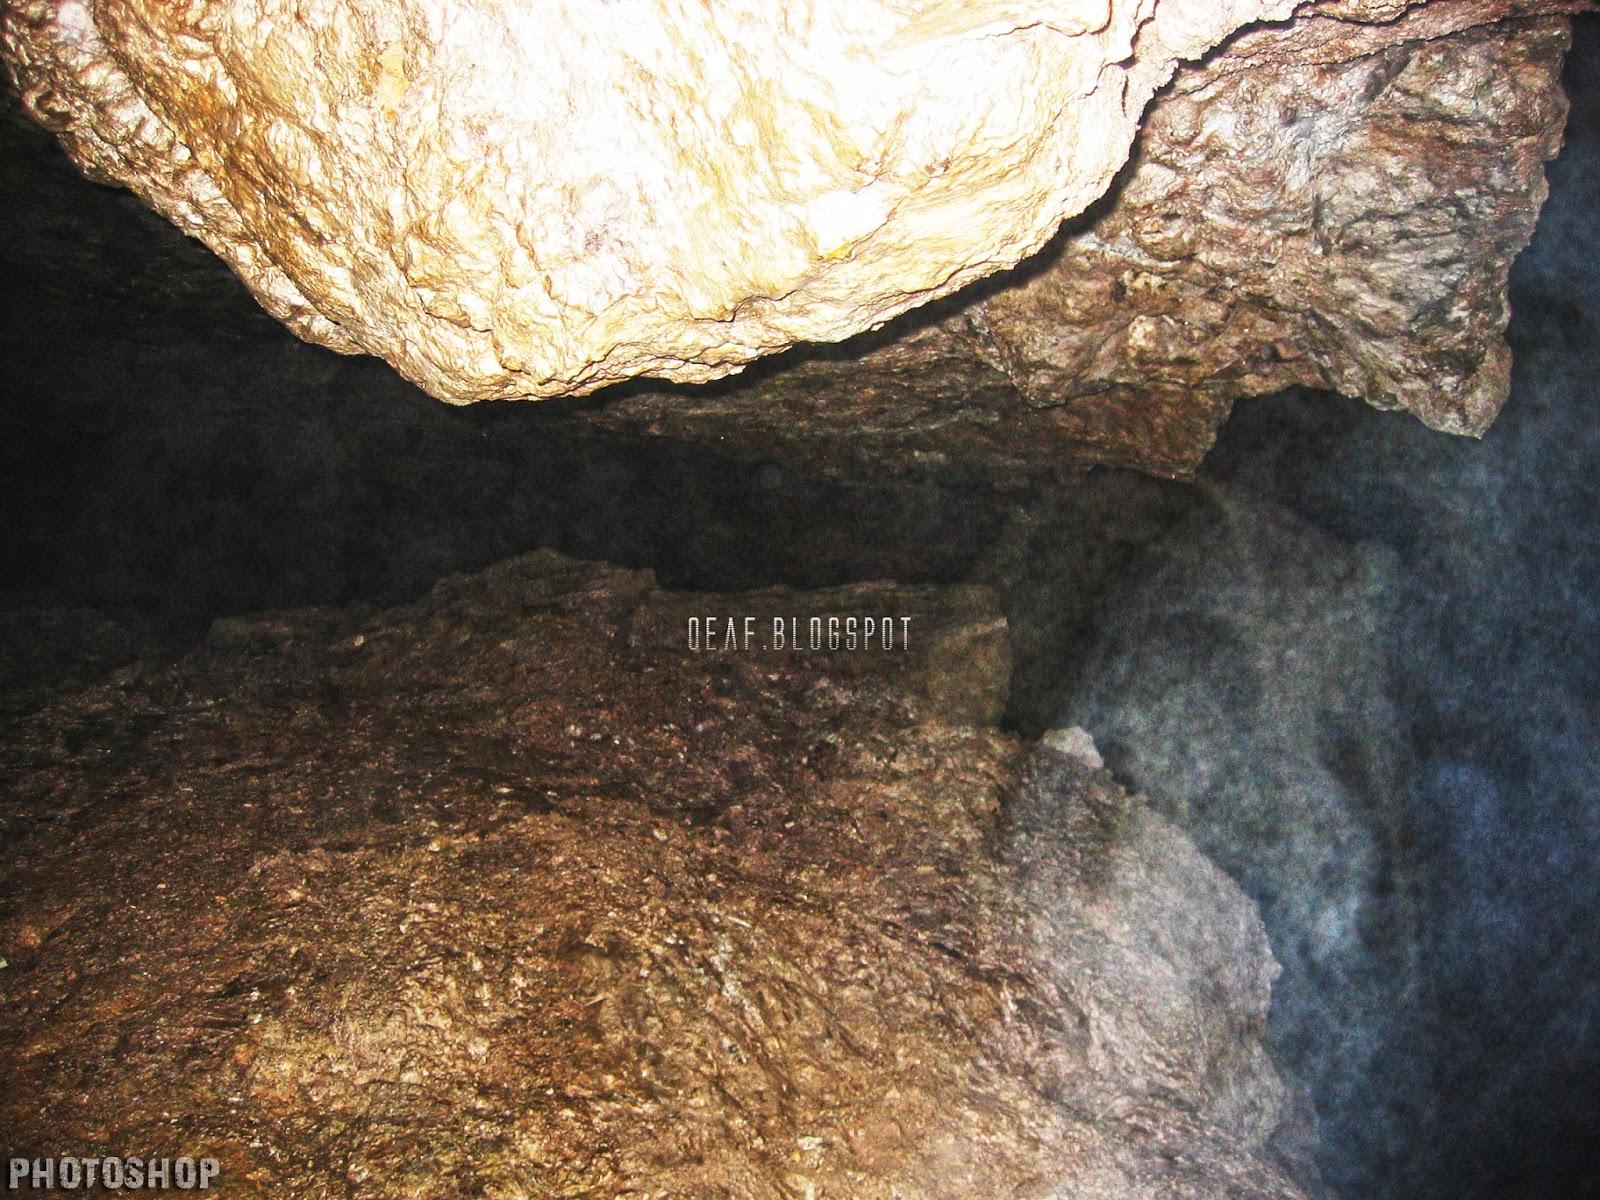 Τι Υπάρχει και Ζει Μέσα στο Σπήλαιο της Πεντέλης (εκπληκτικές φωτογραφίες και video) - Εικόνα35